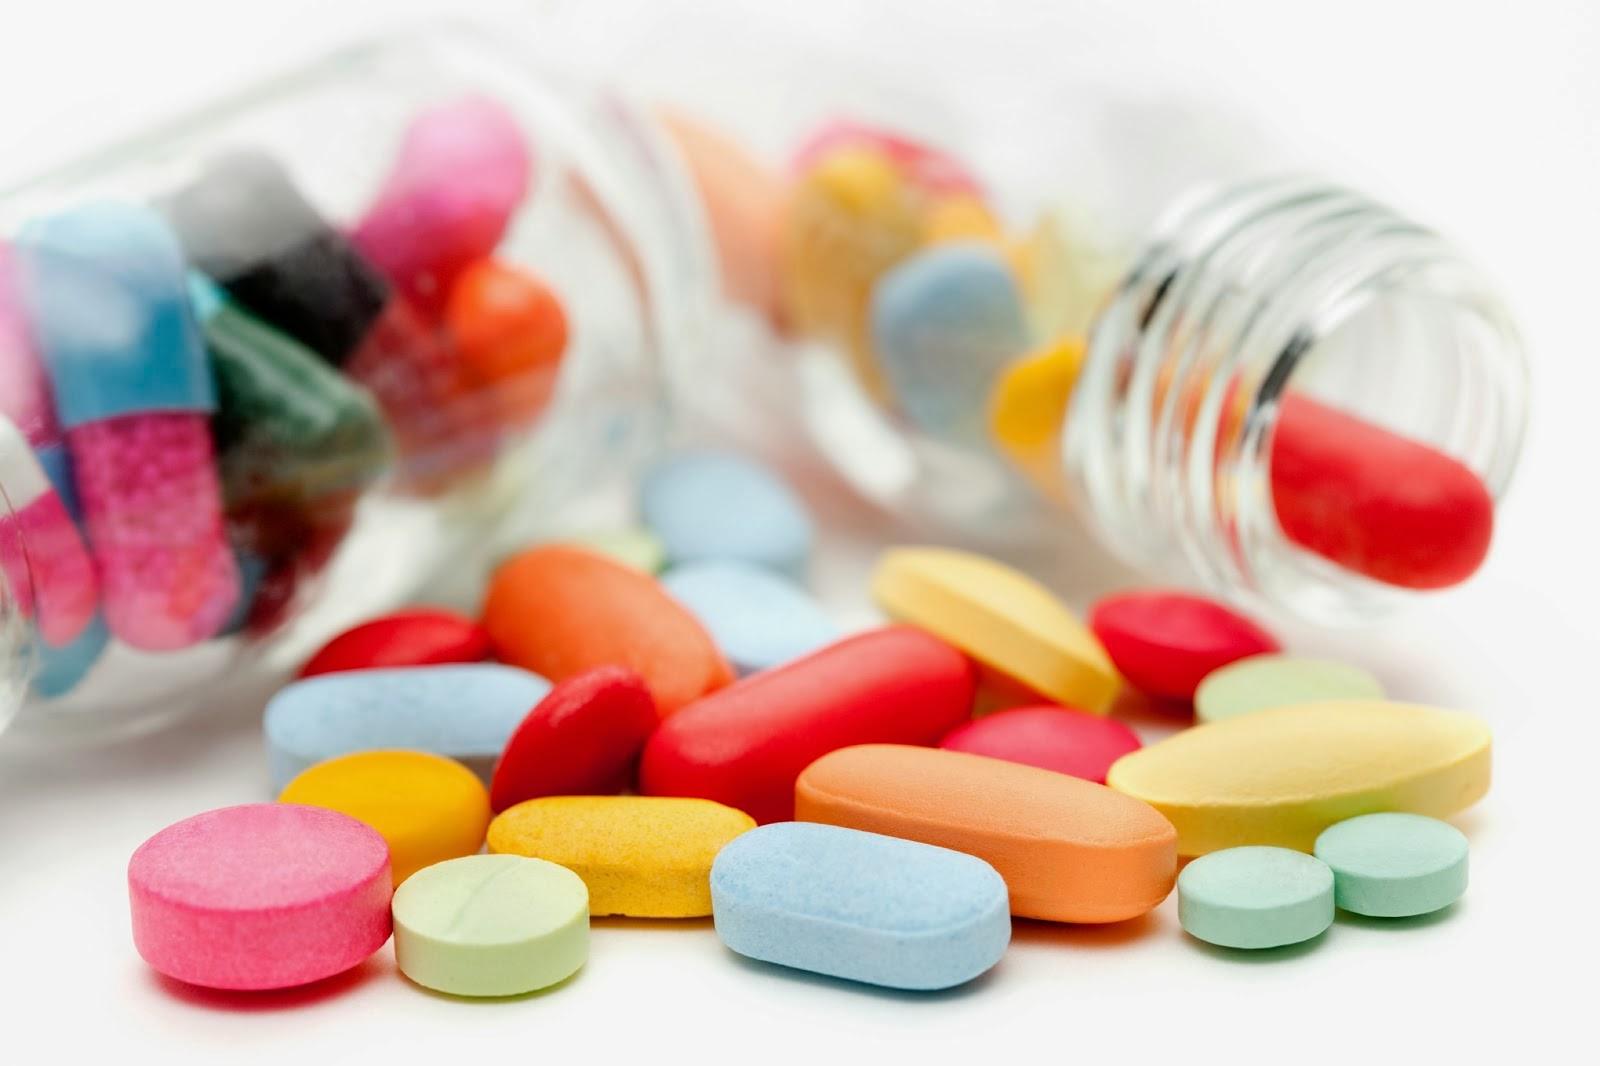 chữa trĩ nội bằng thuốc tân dược